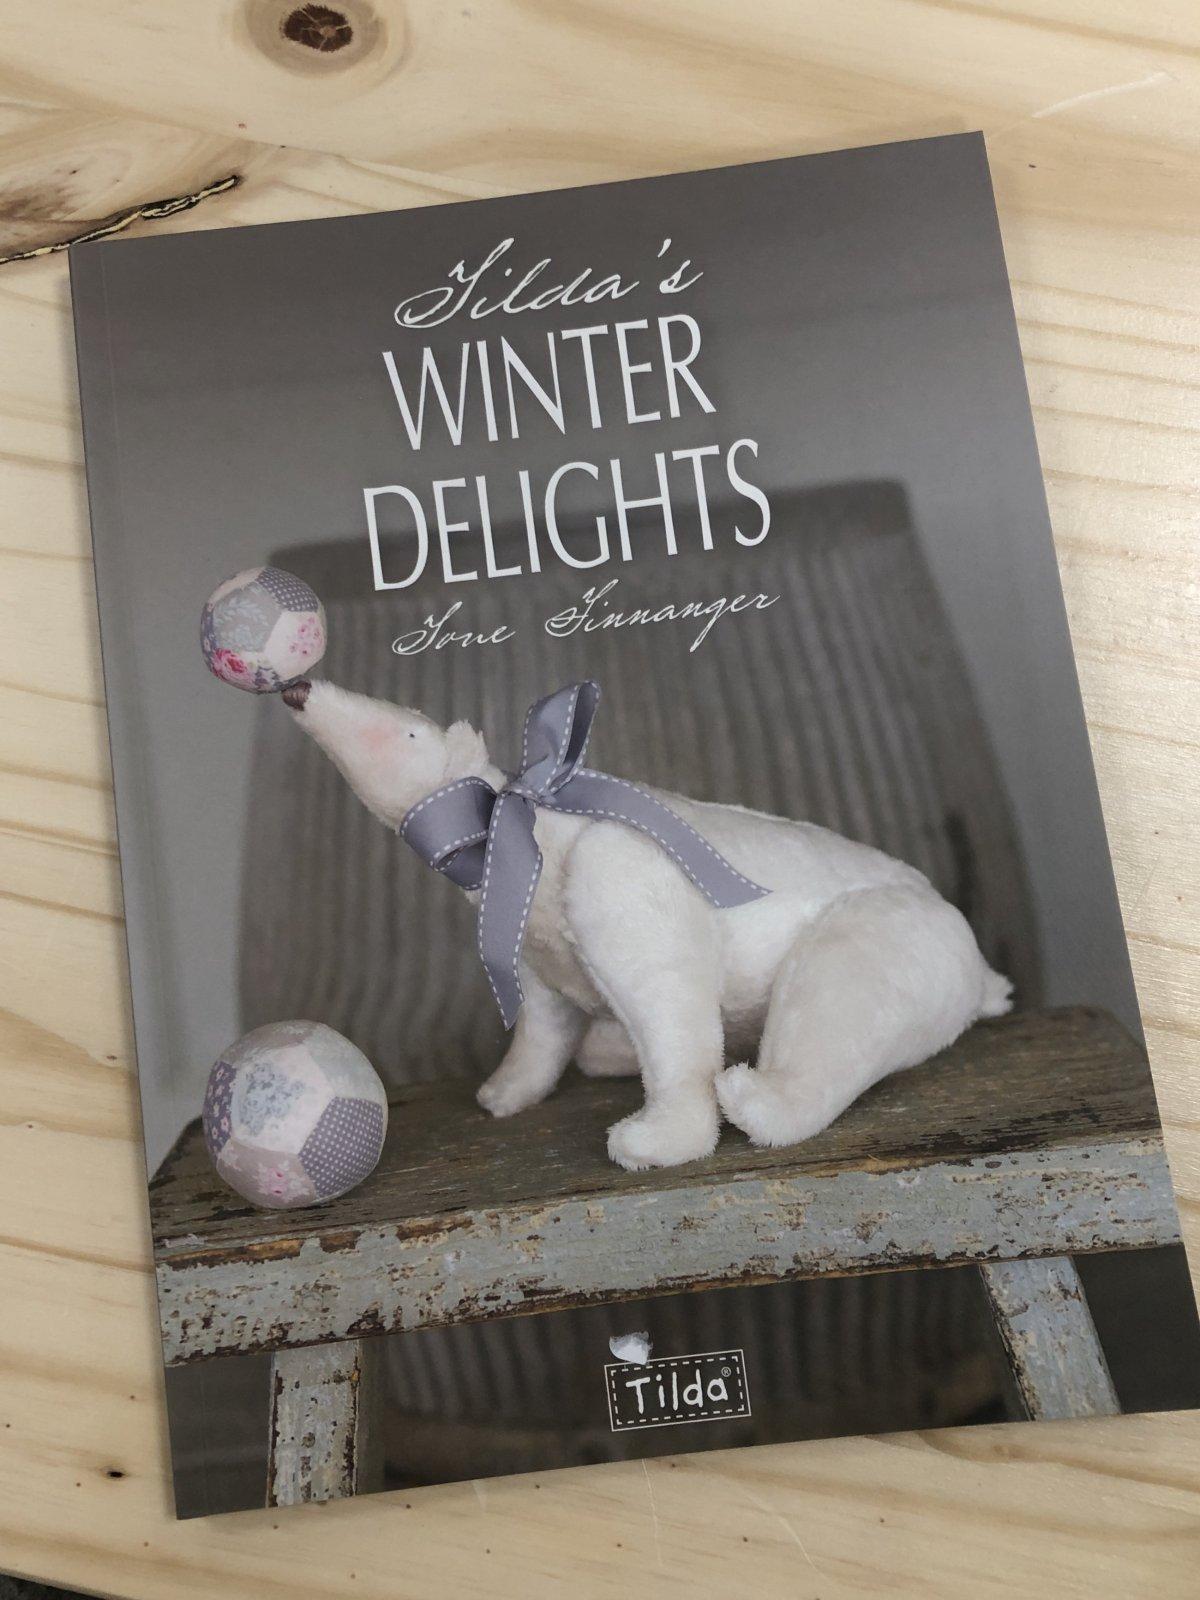 Tilda's Winter Delights